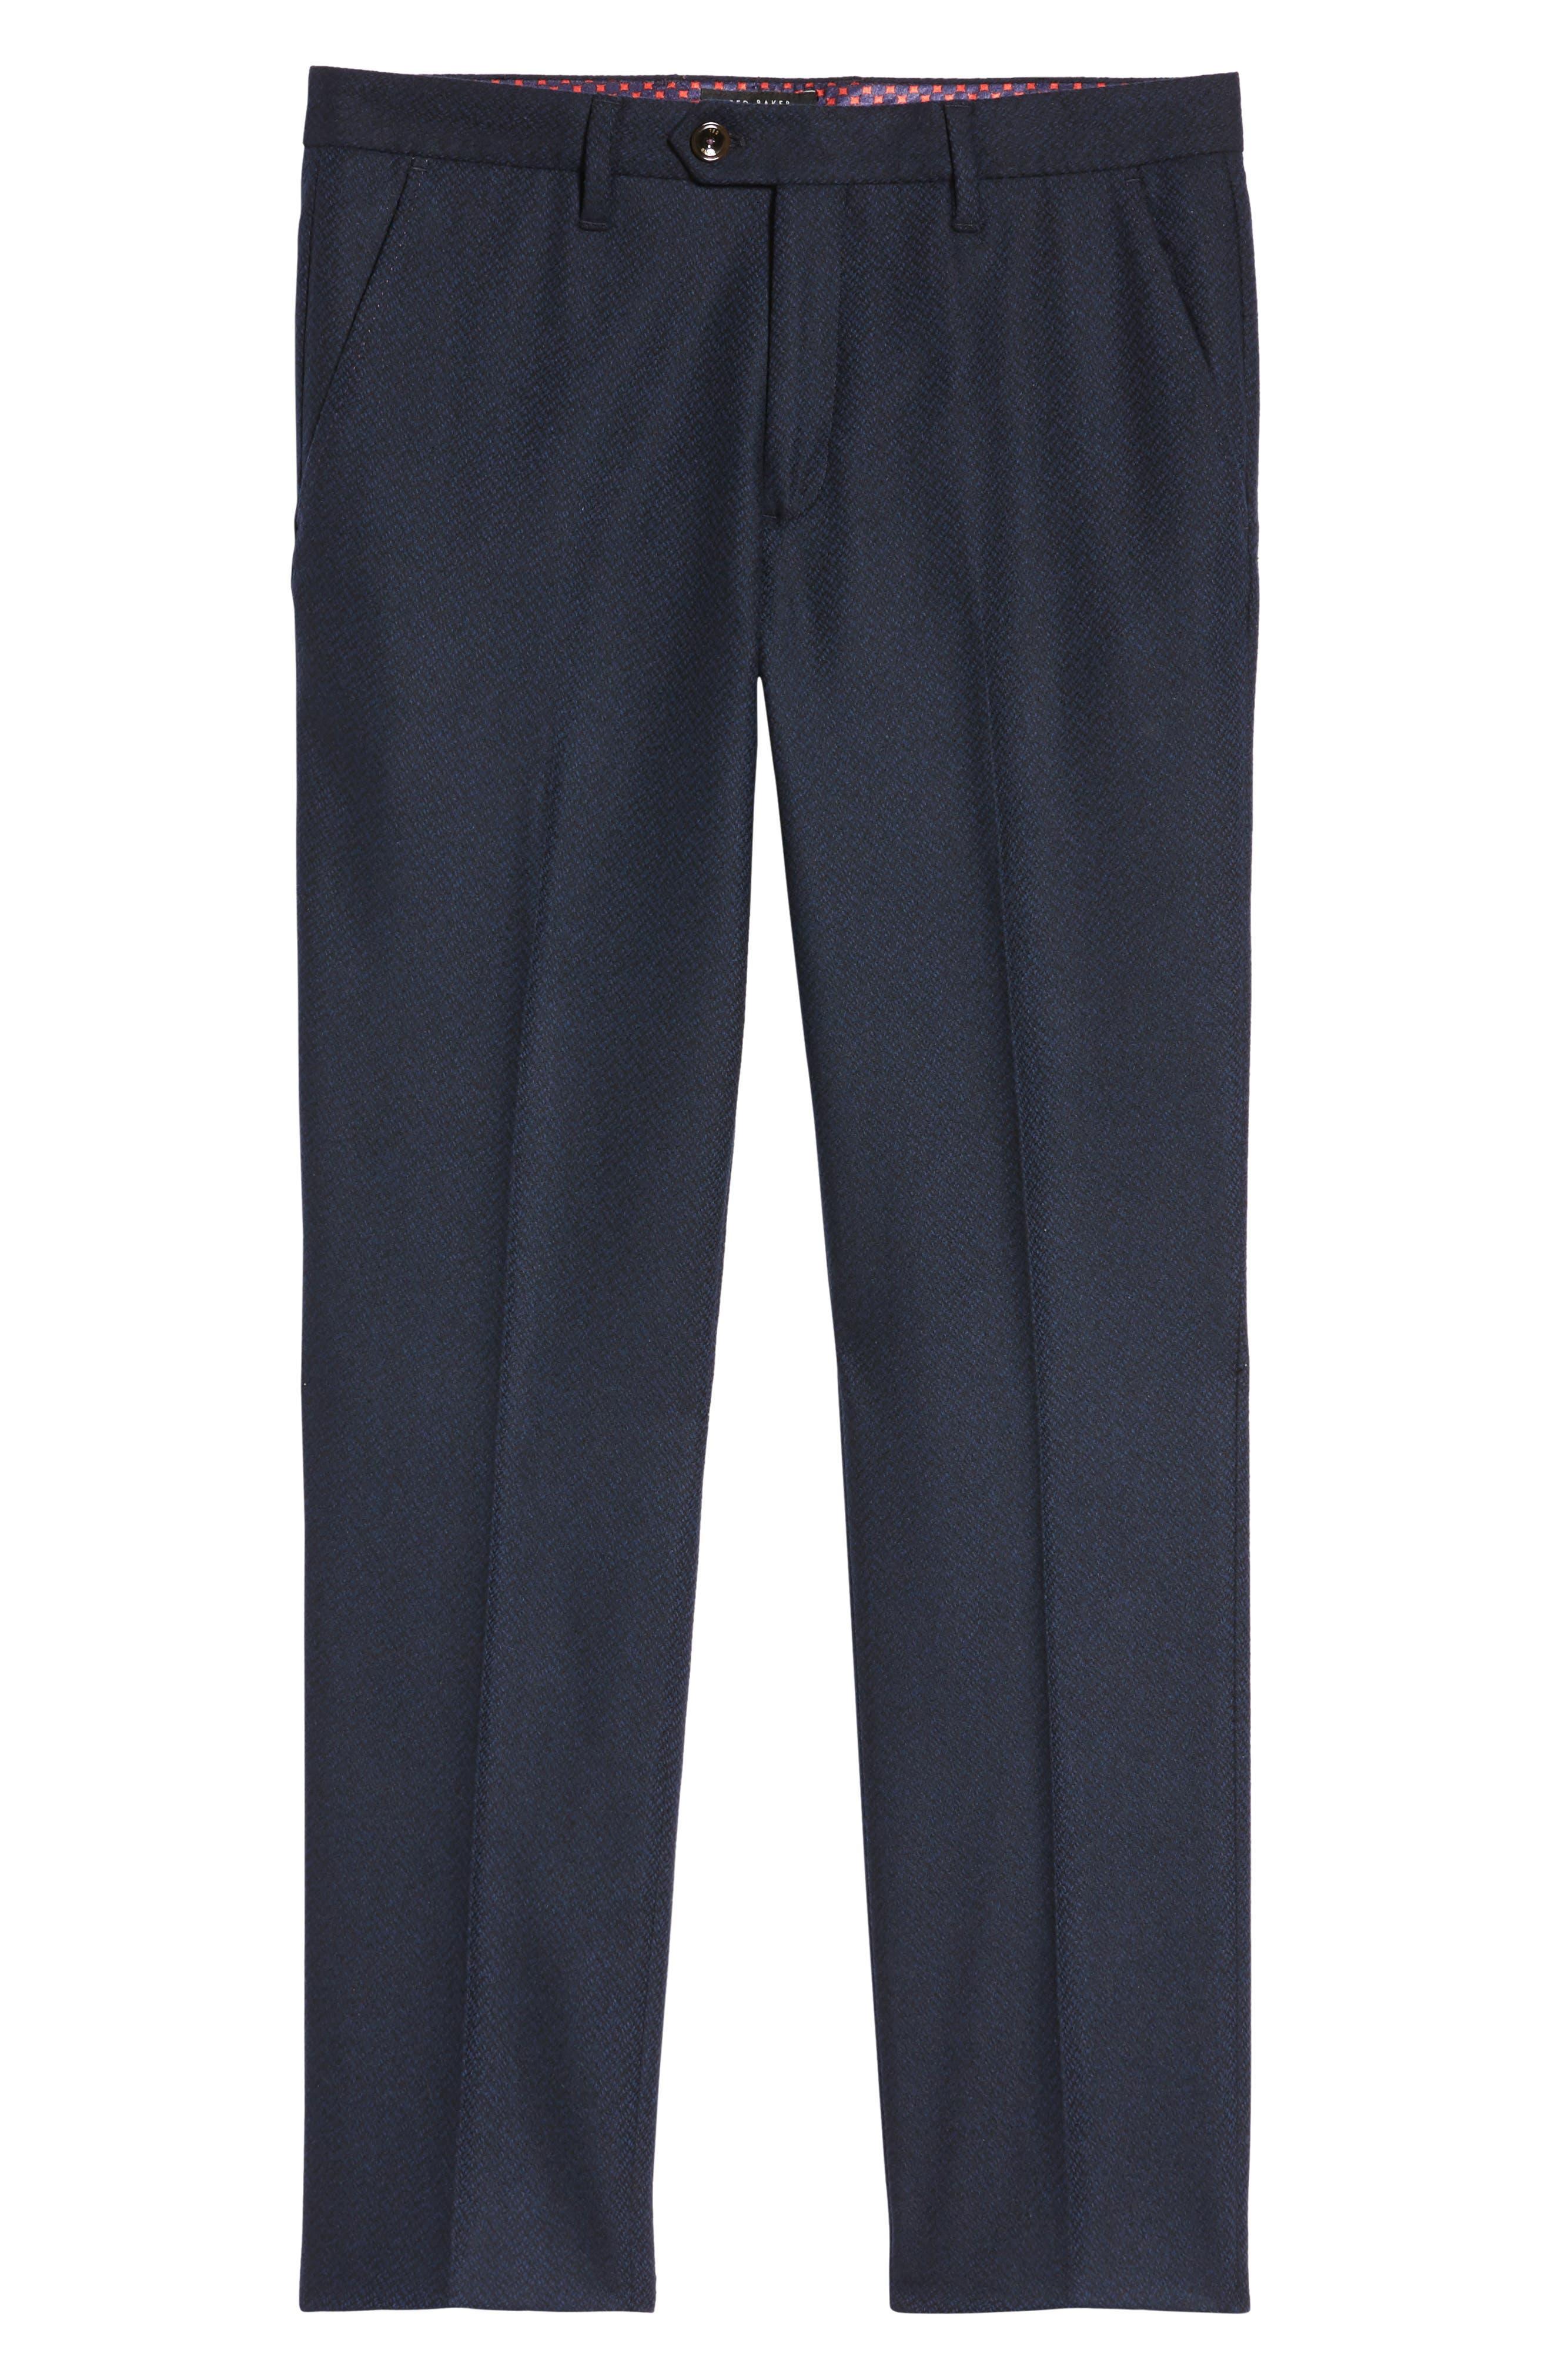 Glentro Semi Plain Wool Blend Trousers,                             Alternate thumbnail 6, color,                             410